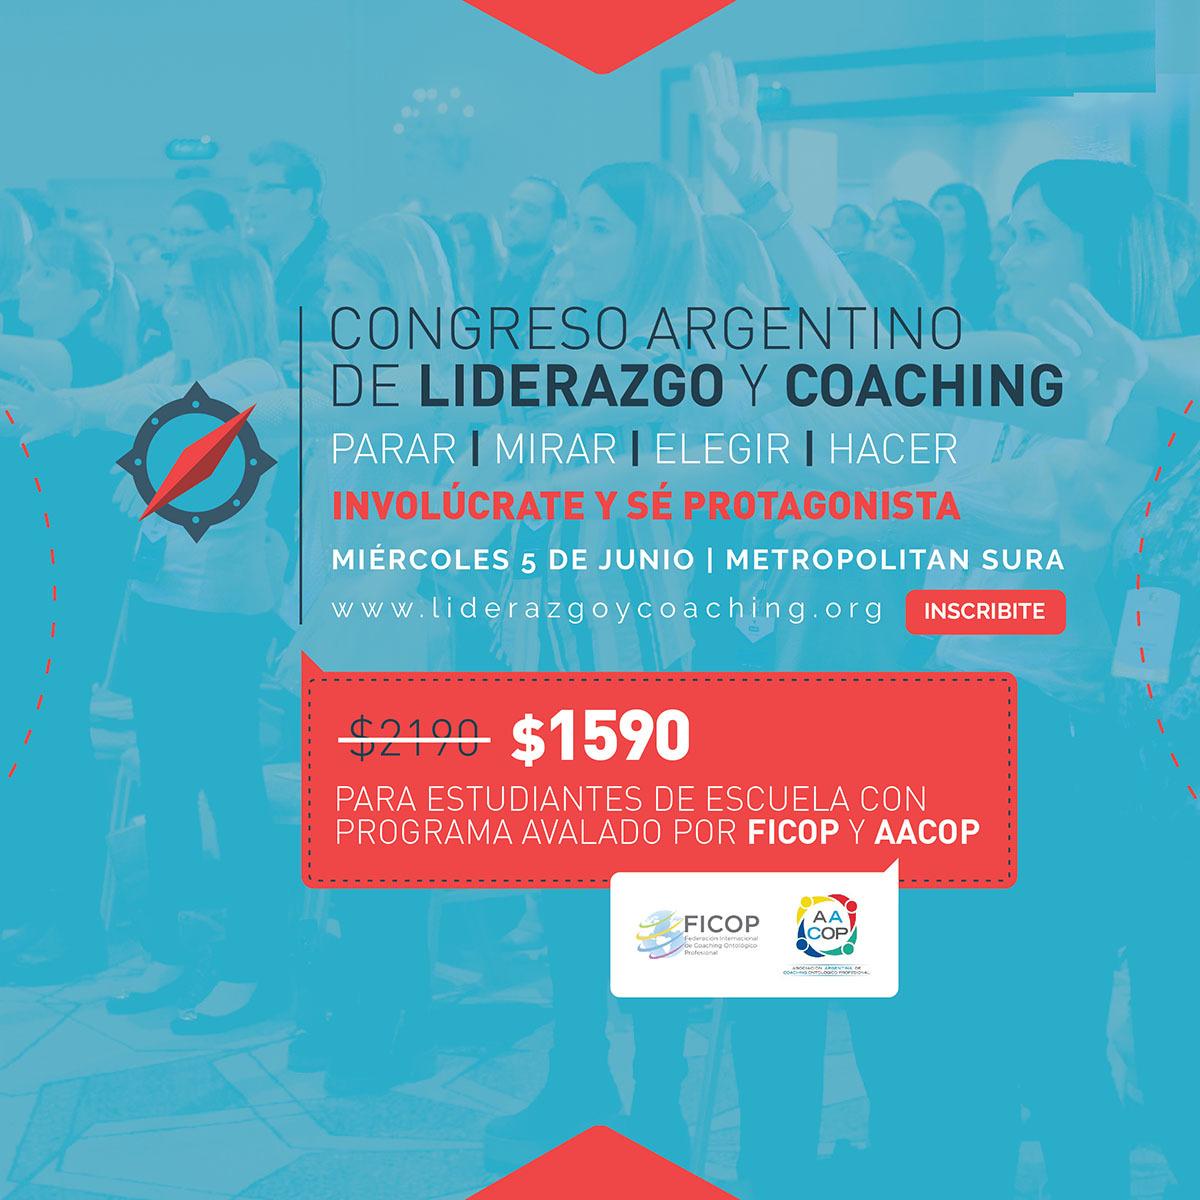 ¡IMPERDIBLE! Llega el Congreso Argentino de Liderazgo y Coaching | imagen